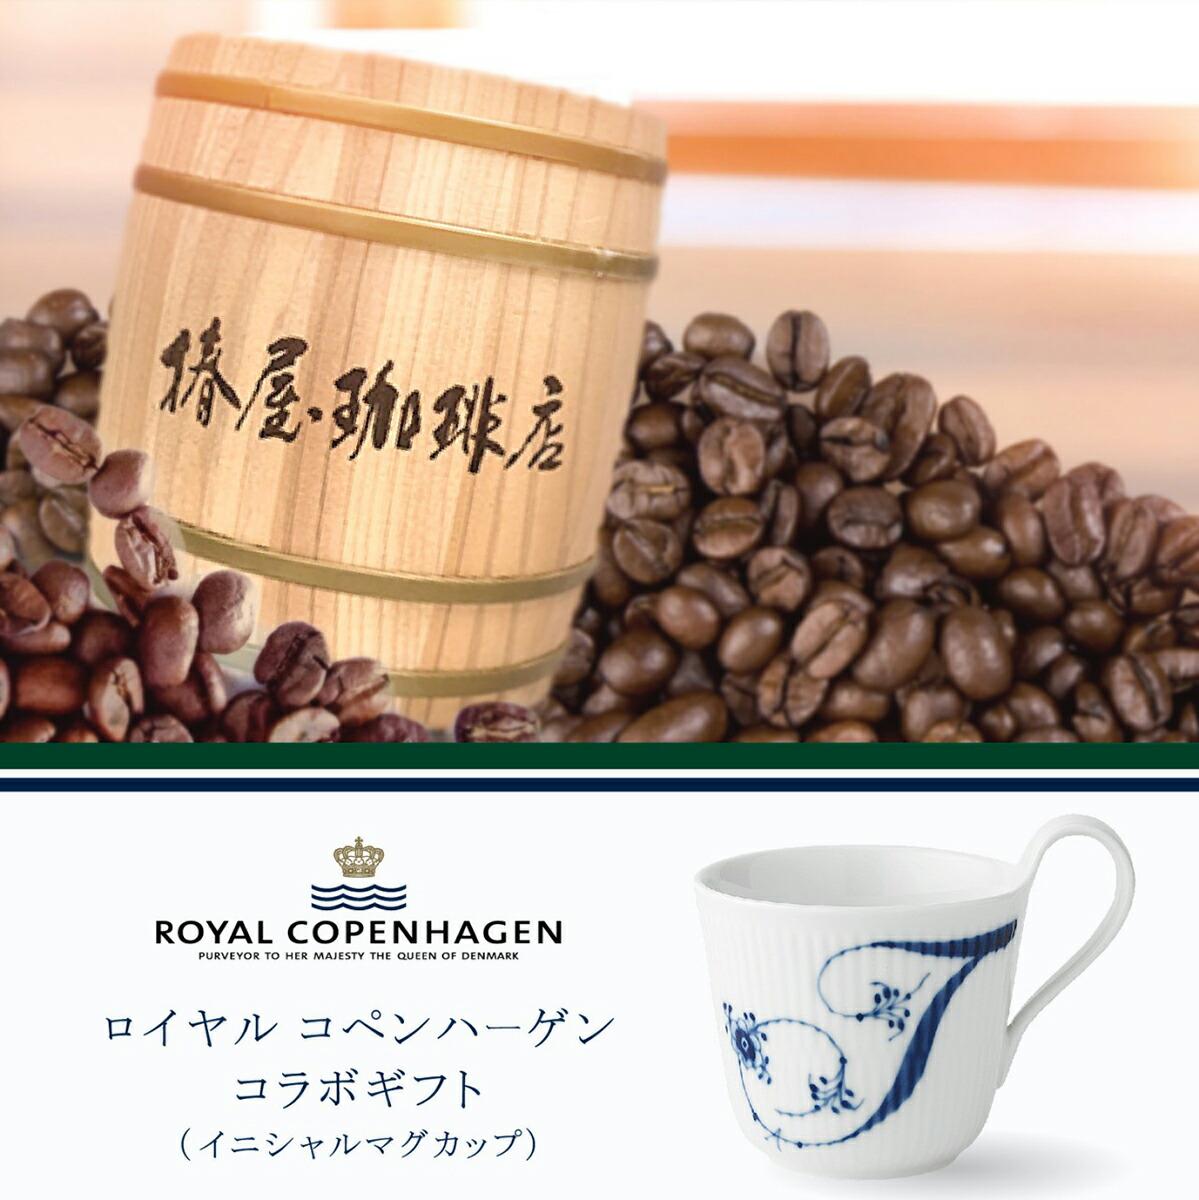 ロイヤルコペンハーゲンコラボギフト(マグカップ)